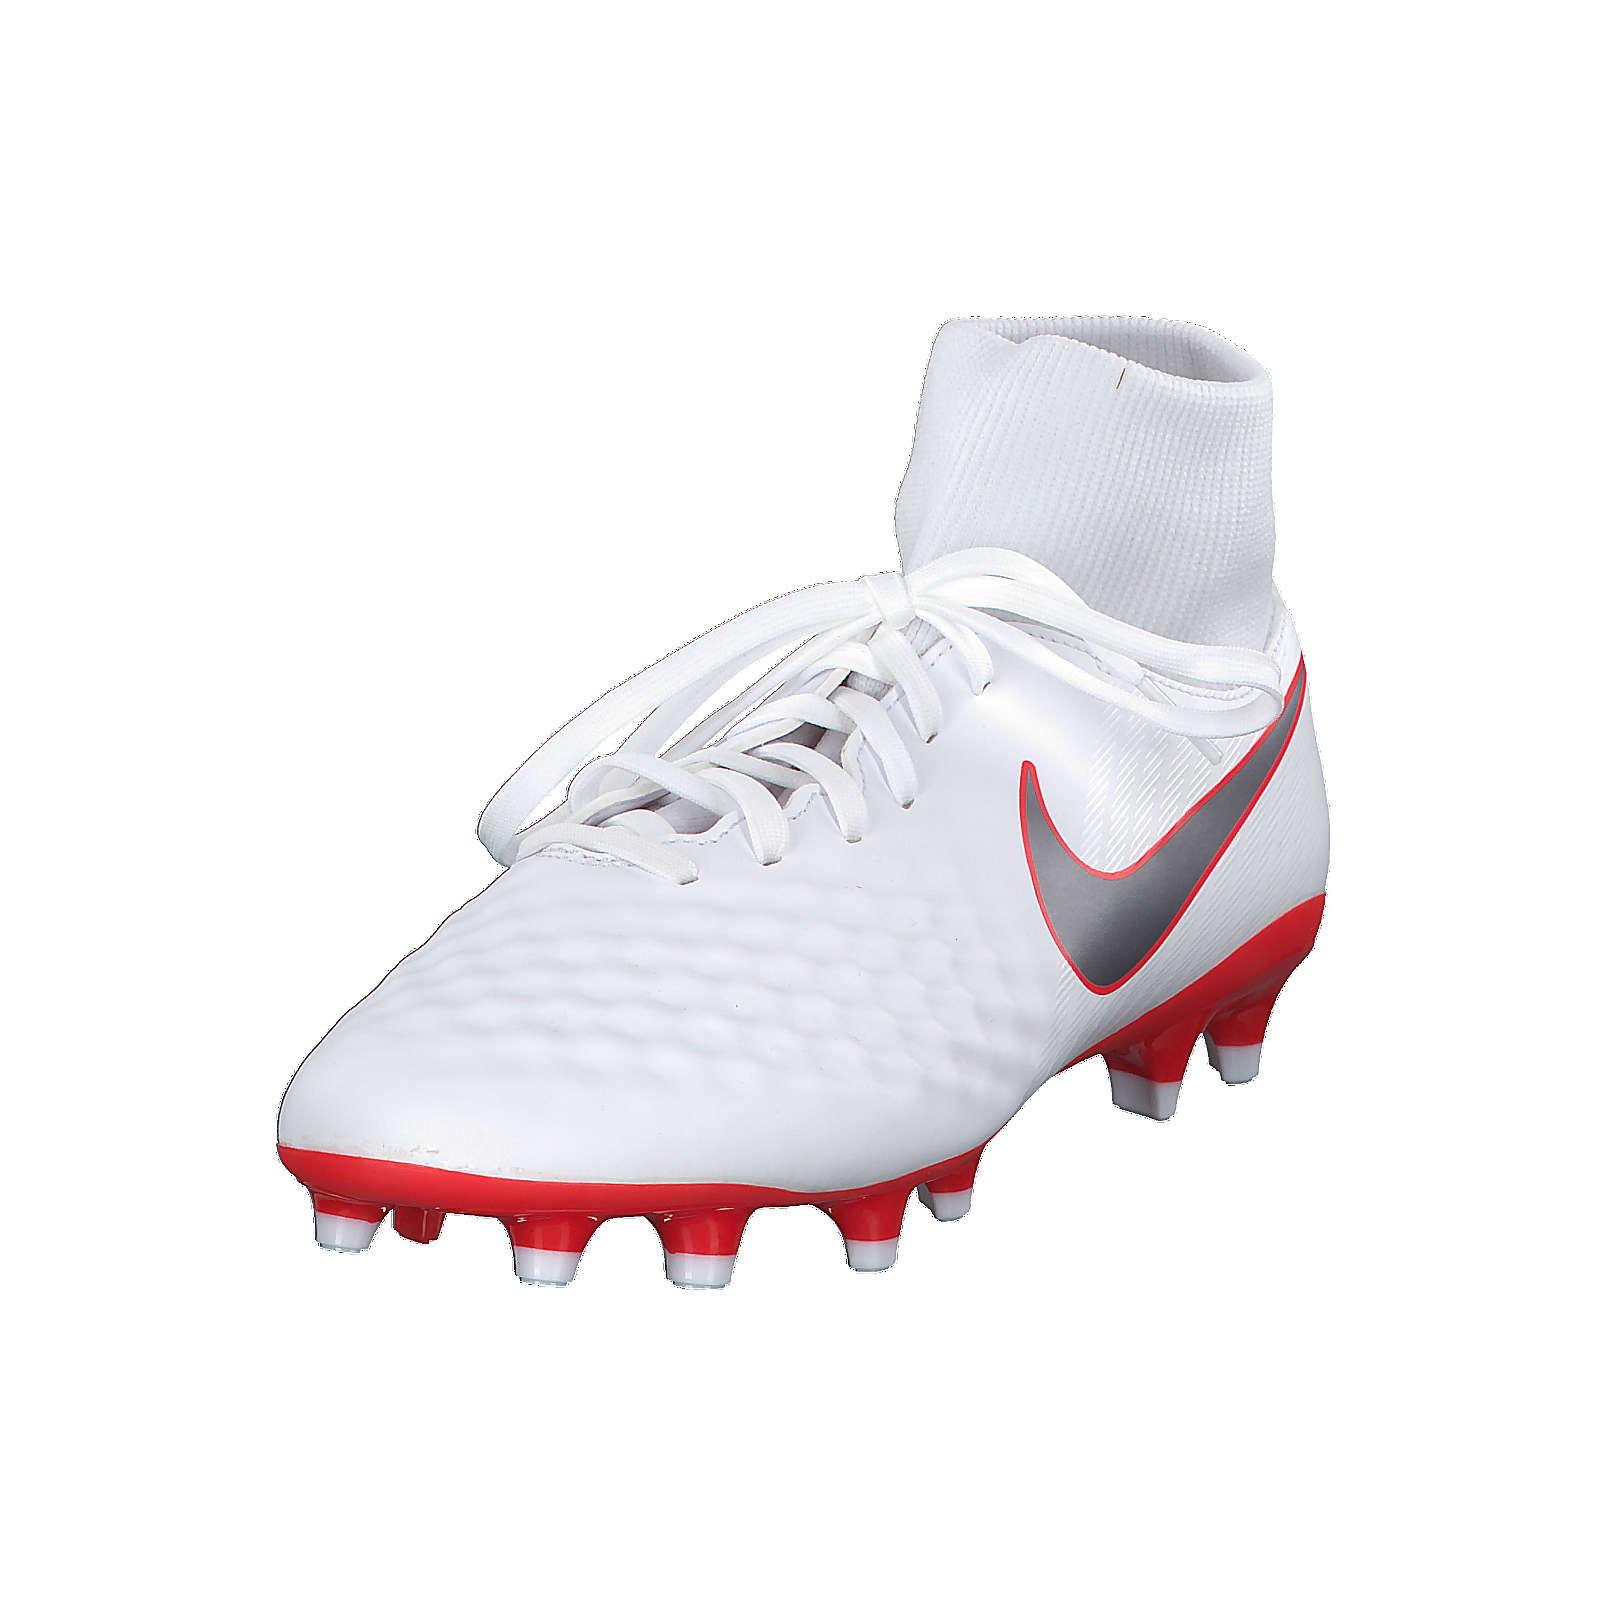 Nike Fußballschuh Magista Obra II Academy DF FG mit Rundumtraktion AH7303-107 Sportschuhe weiß/grau Herren Gr. 41